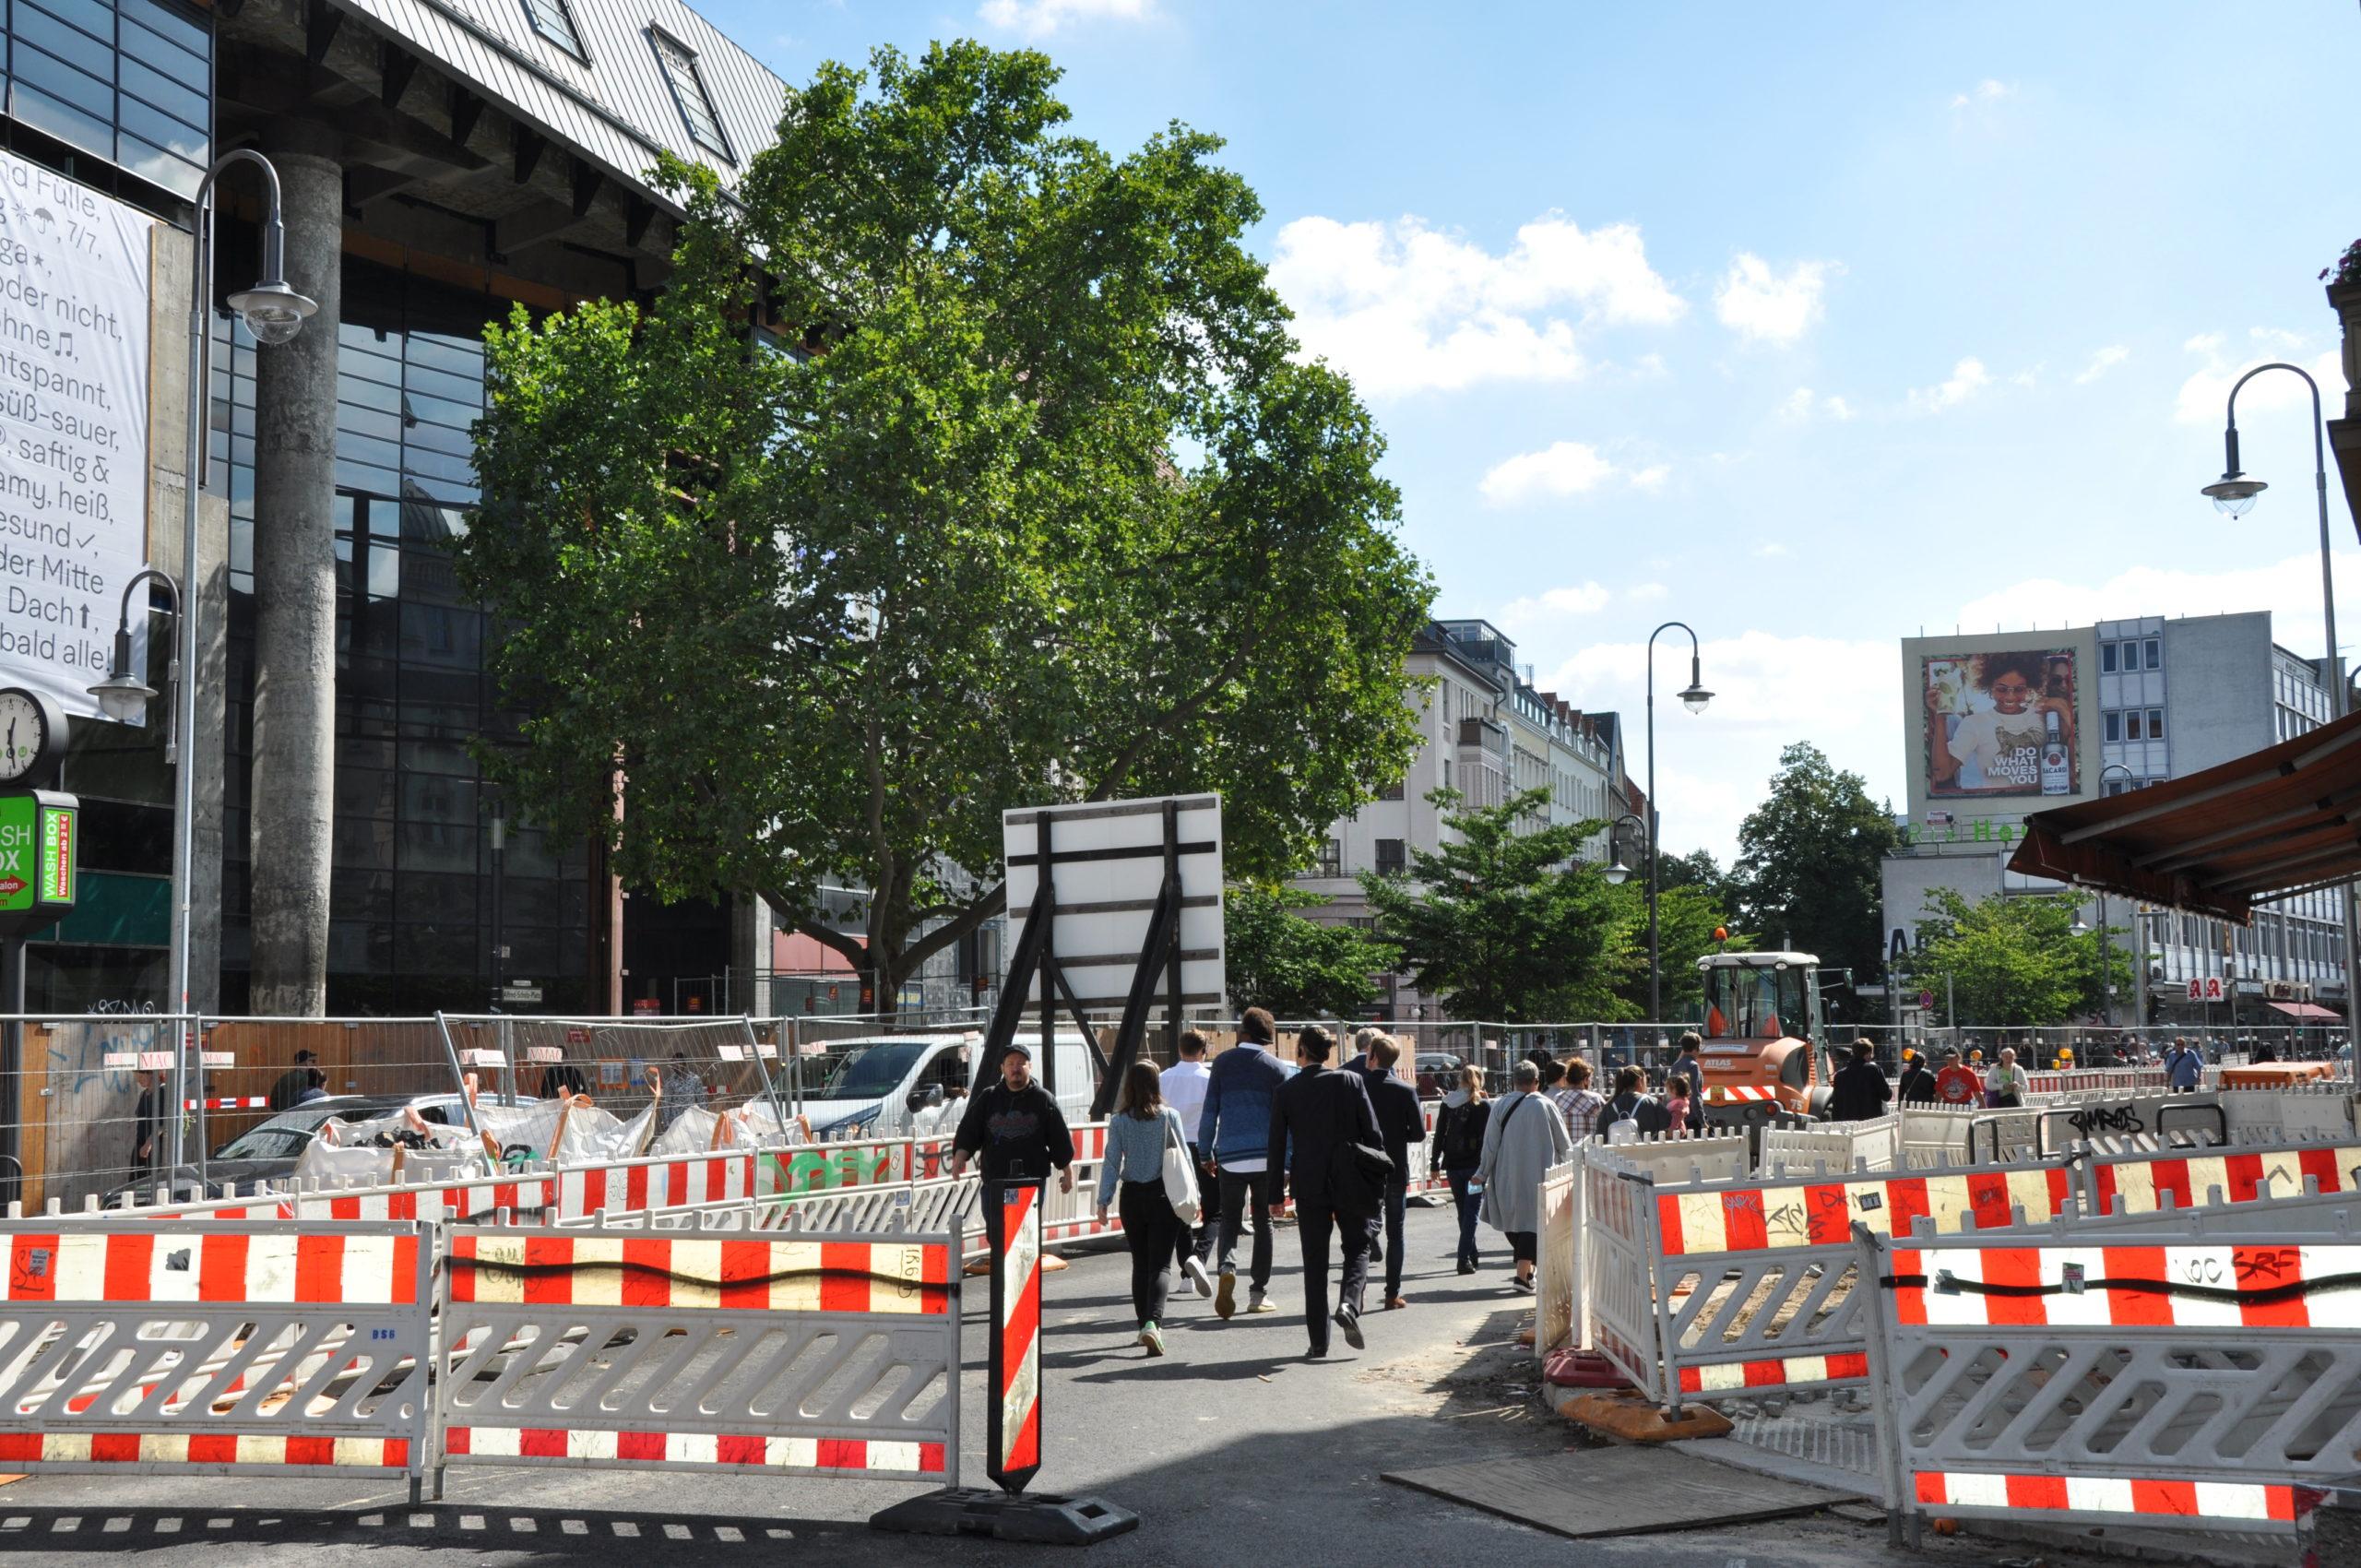 Unterwegs_Bilateraler Austausch auf den Wegen zwischen den Projekten_LOKATION:S_Aktion Karl_Marx_Straße